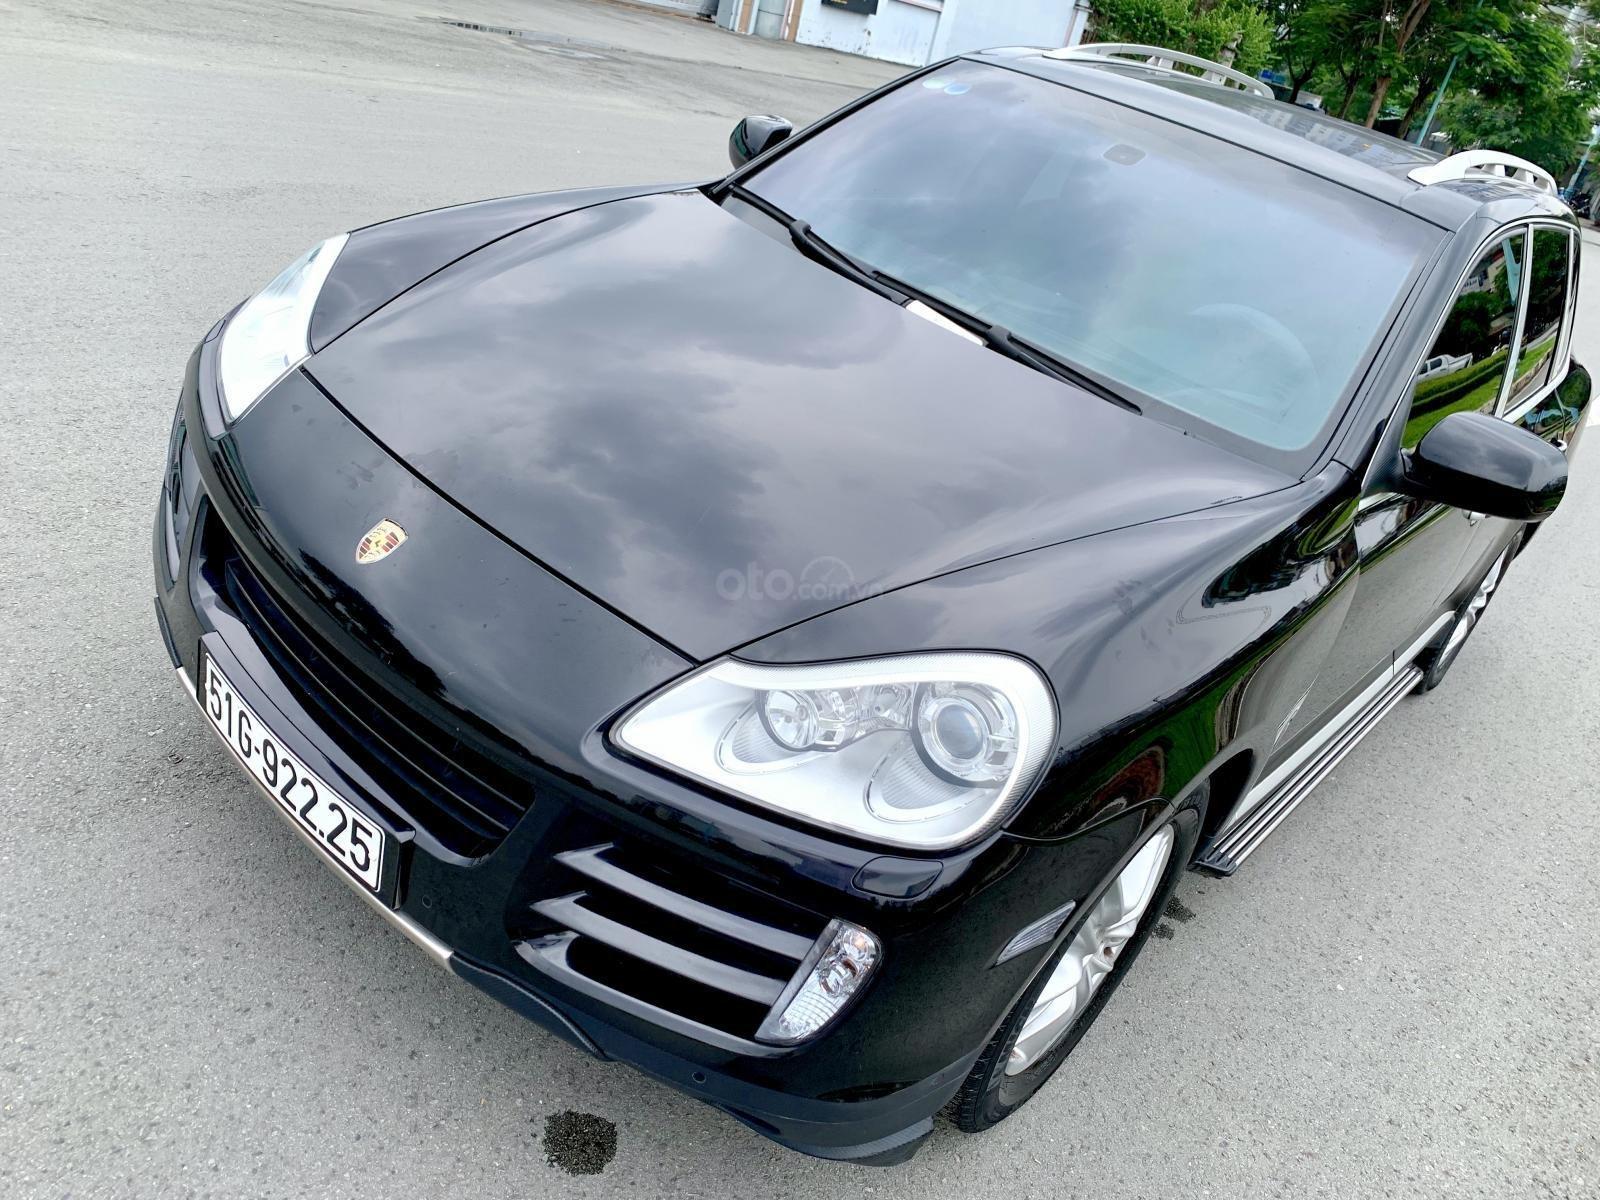 Porsche Cayenne nhập mới 2009 hàng hiếm, có chạy đúng 68 ngàn (11)